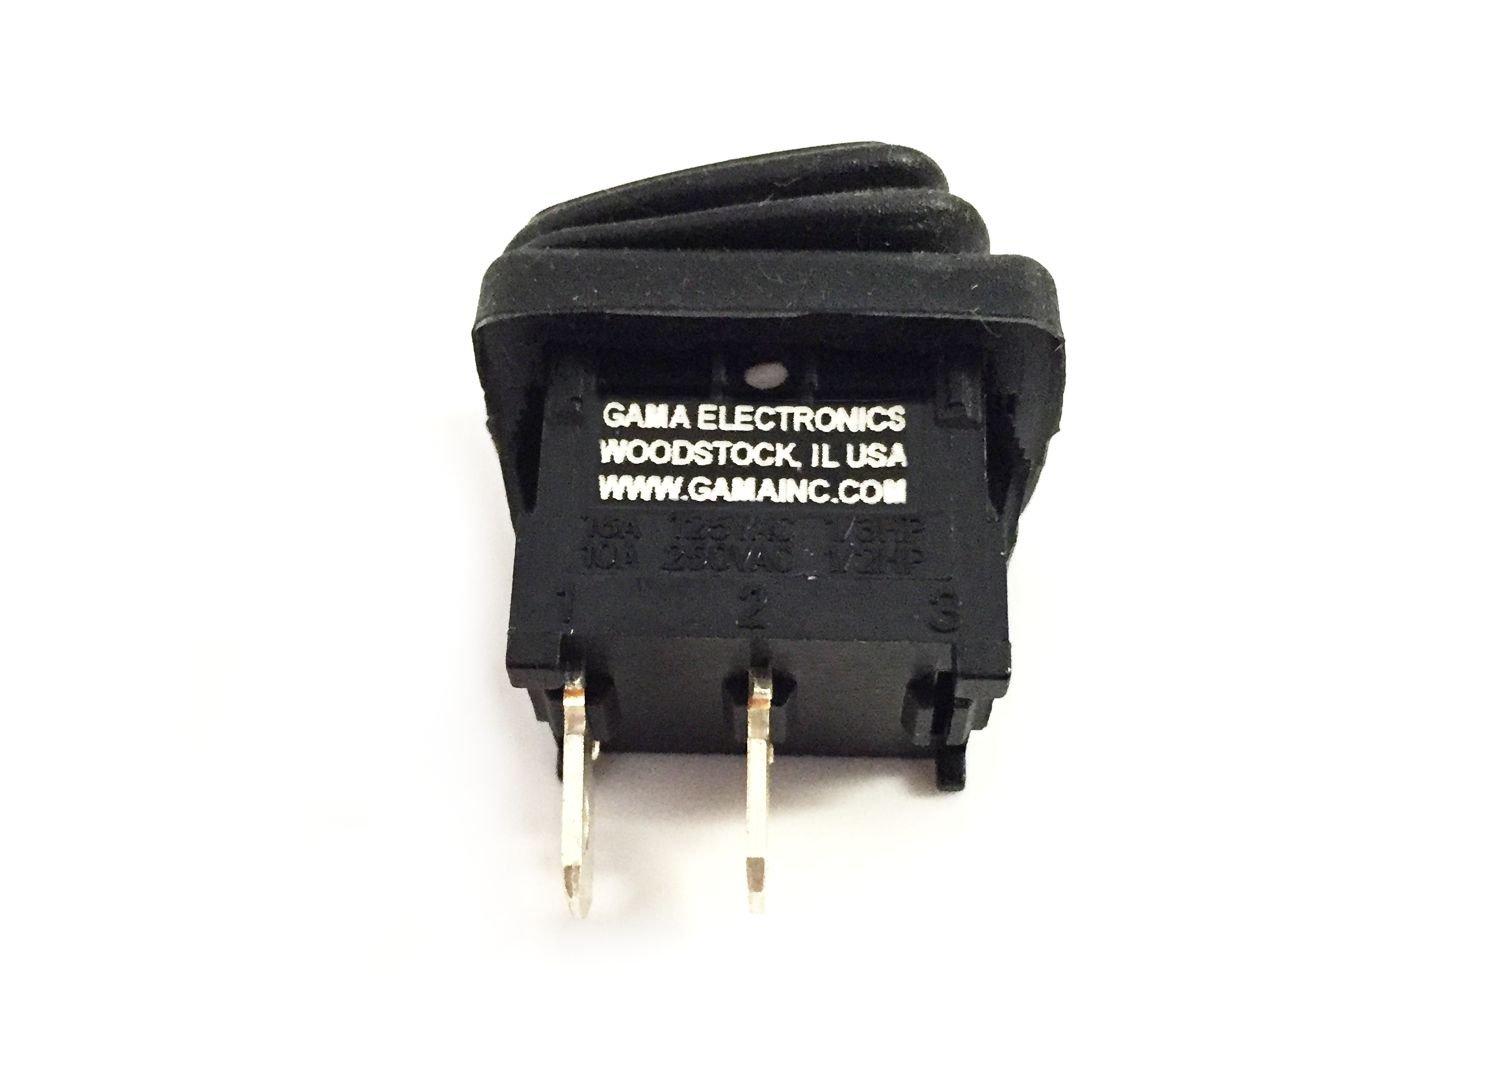 Gama Electronics Waterproof Mini Off On Rocker Switch Rockers Illuminated Non Switches Spst Automotive